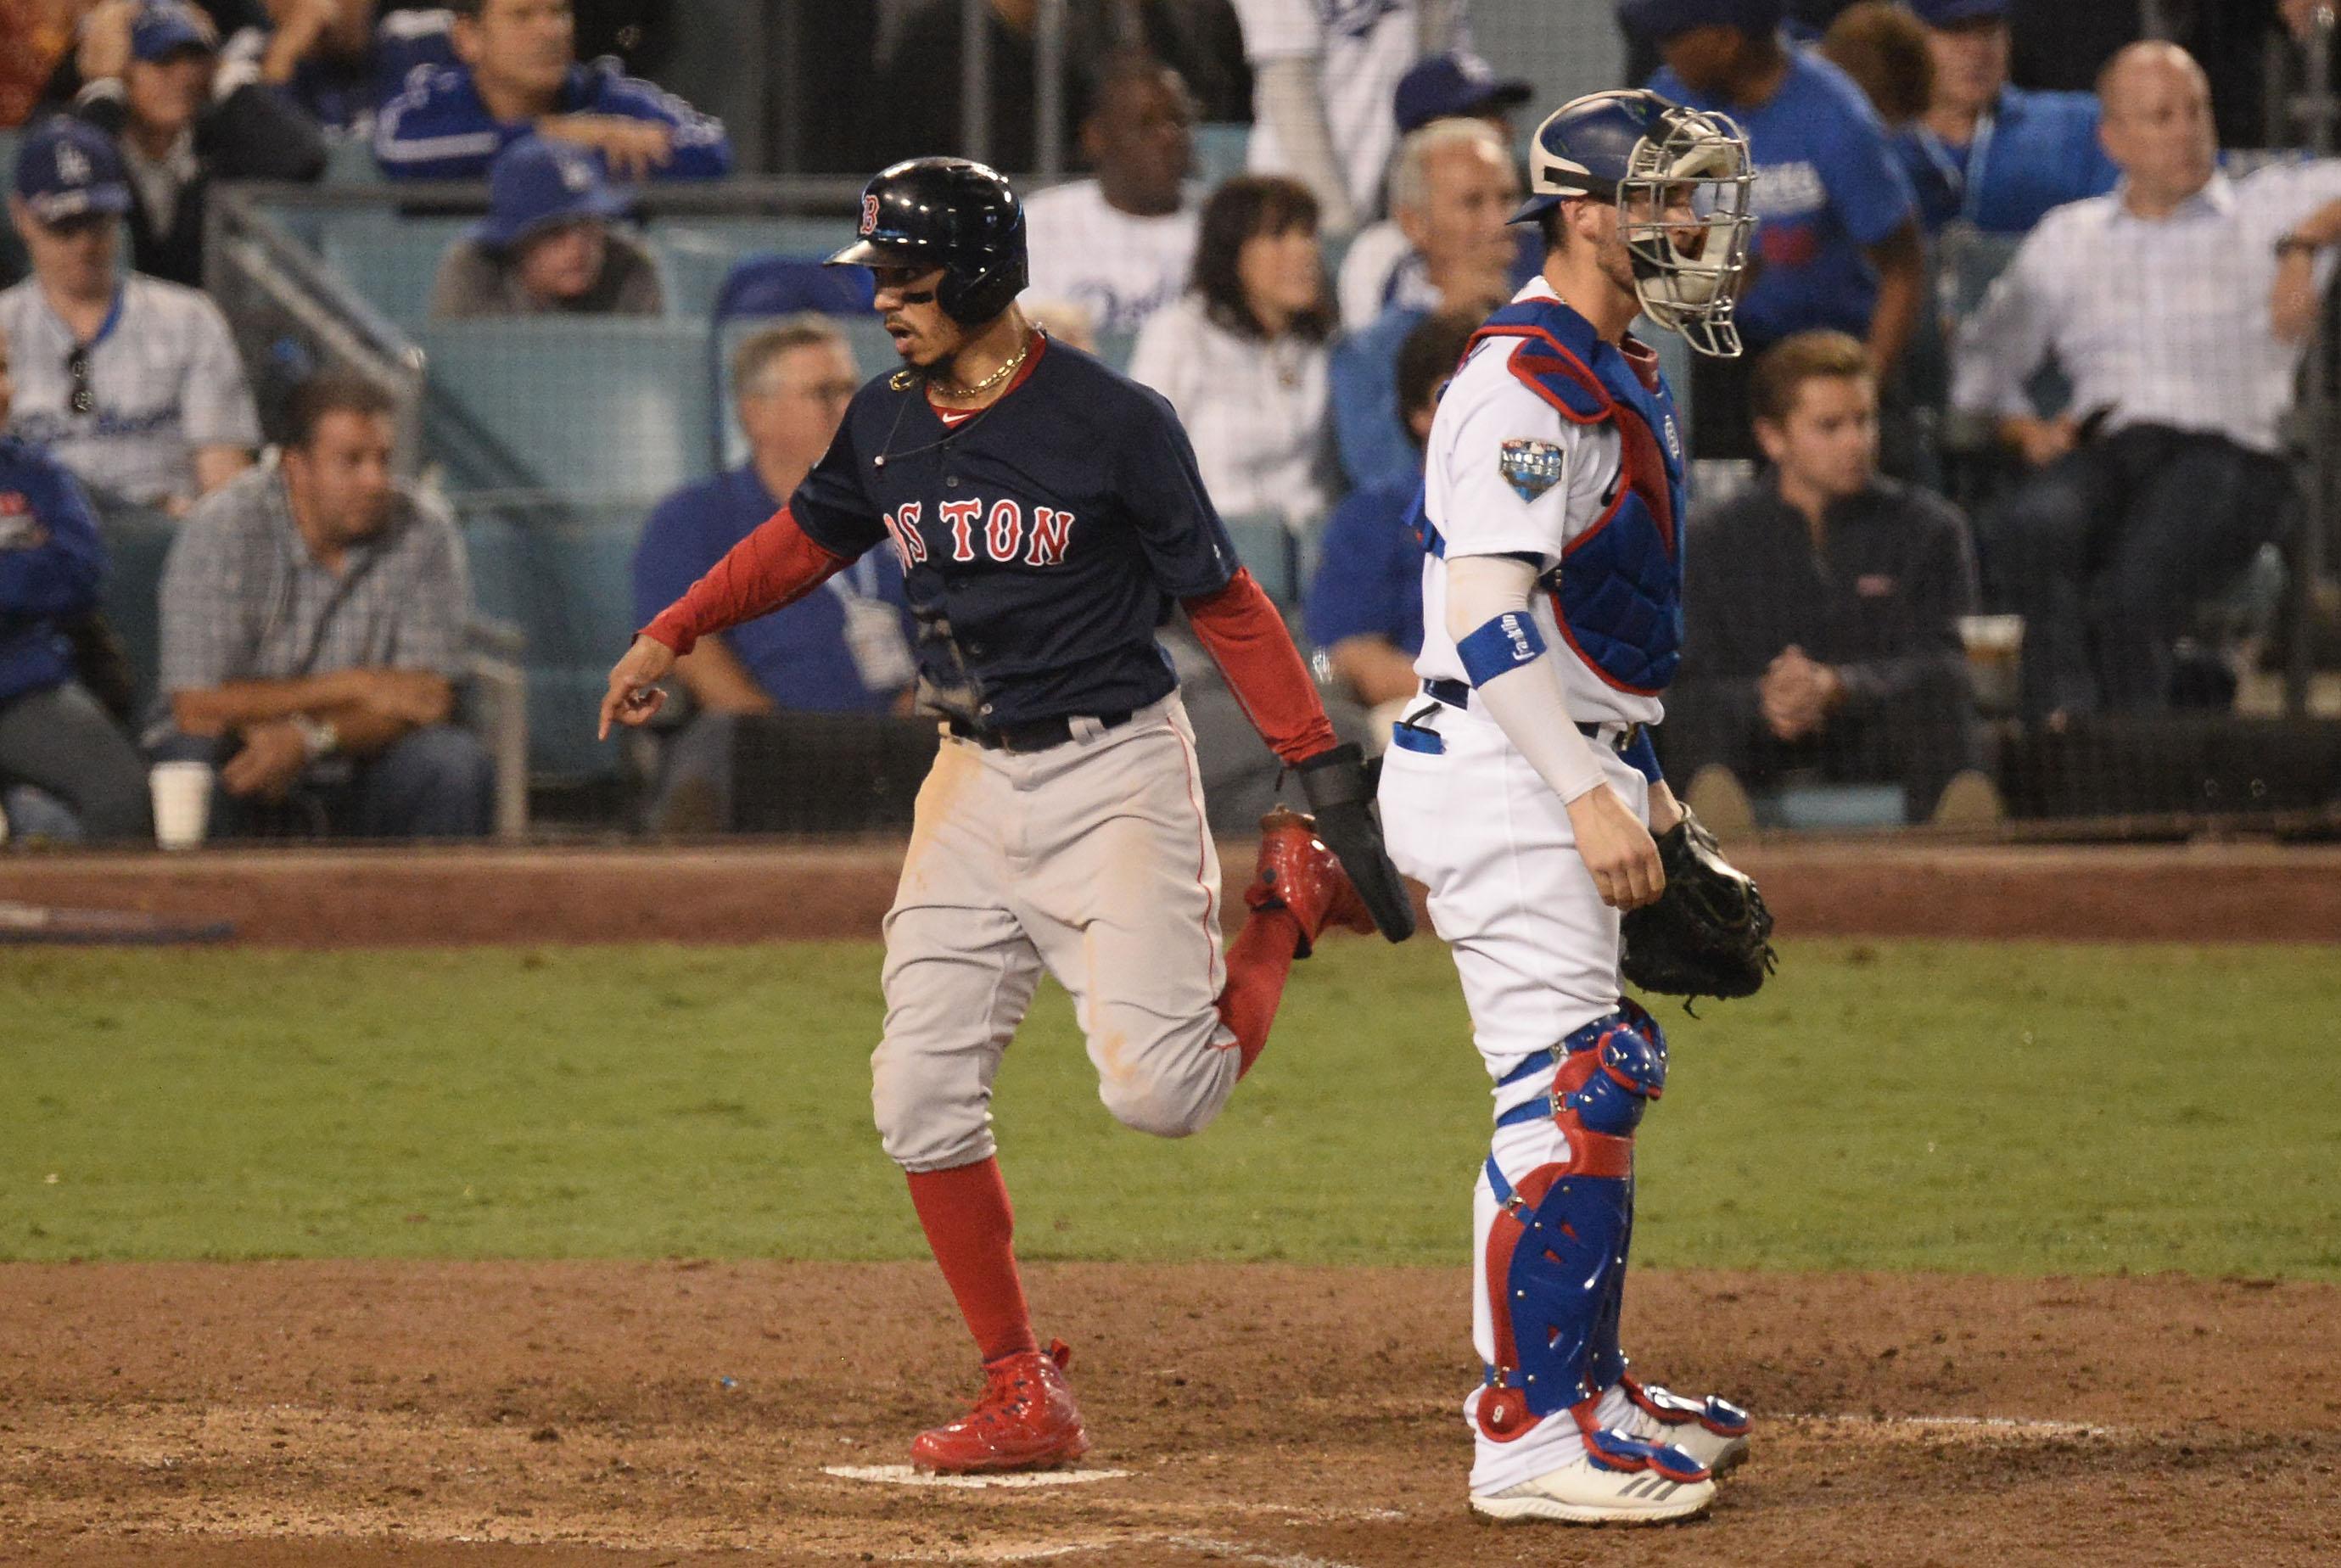 Equipos de MLB producen ganancias en 2020 a pesar del Covid-19